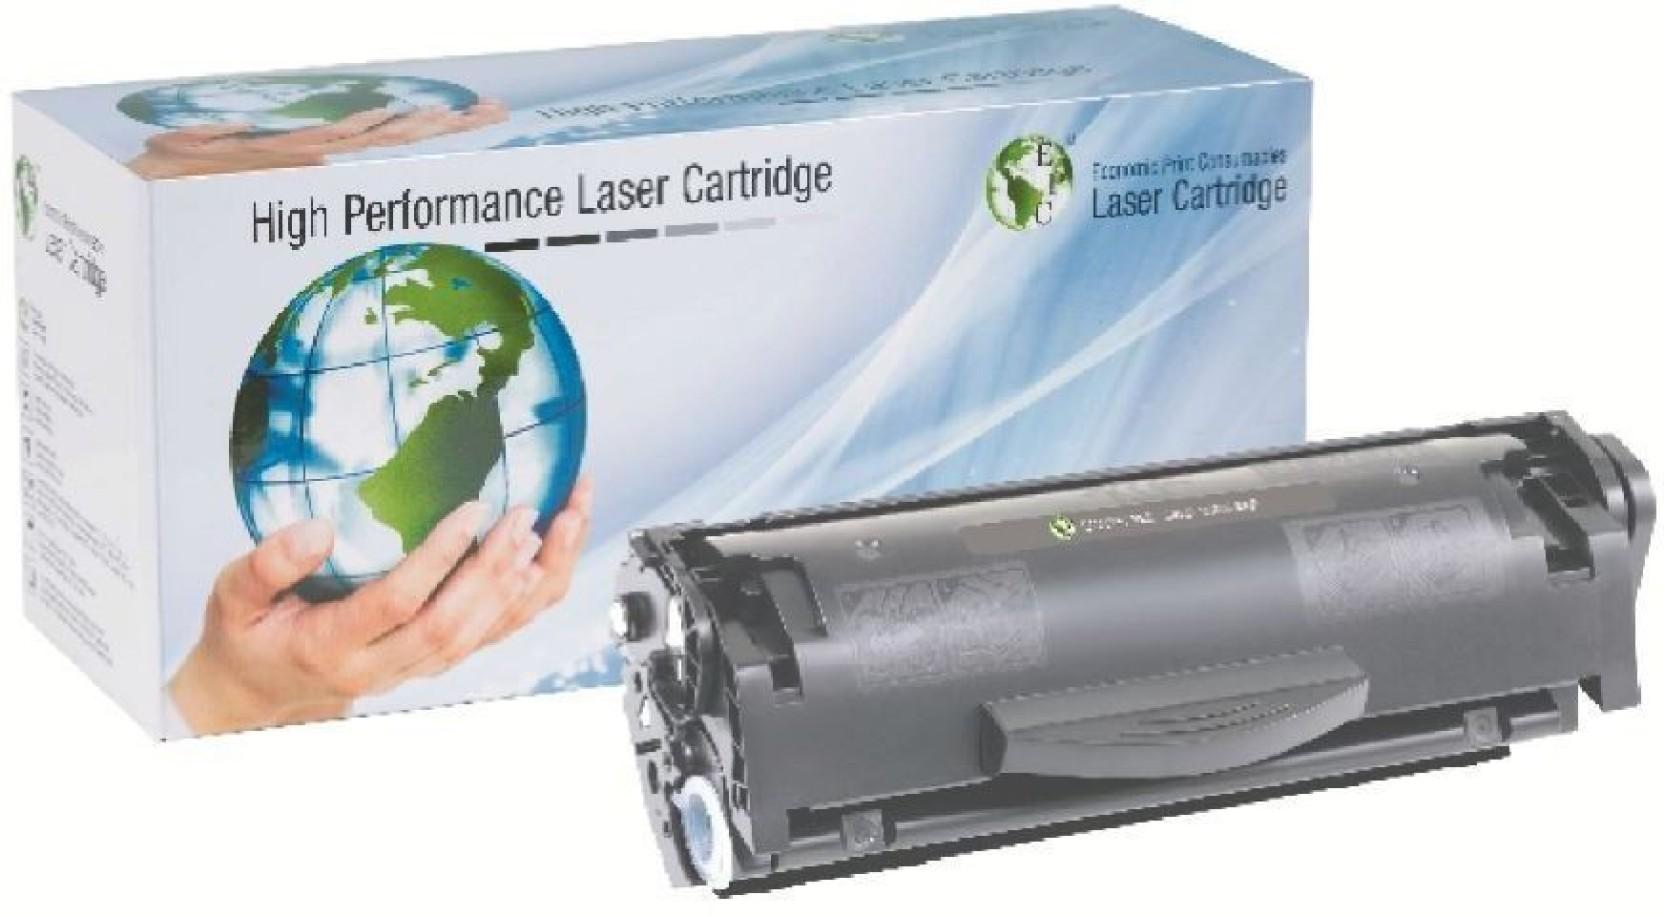 Tickles Compatible With Hp Laserjet P1102m1132m1212m1214m1217 Toner P1102 M1132 Etc Compare